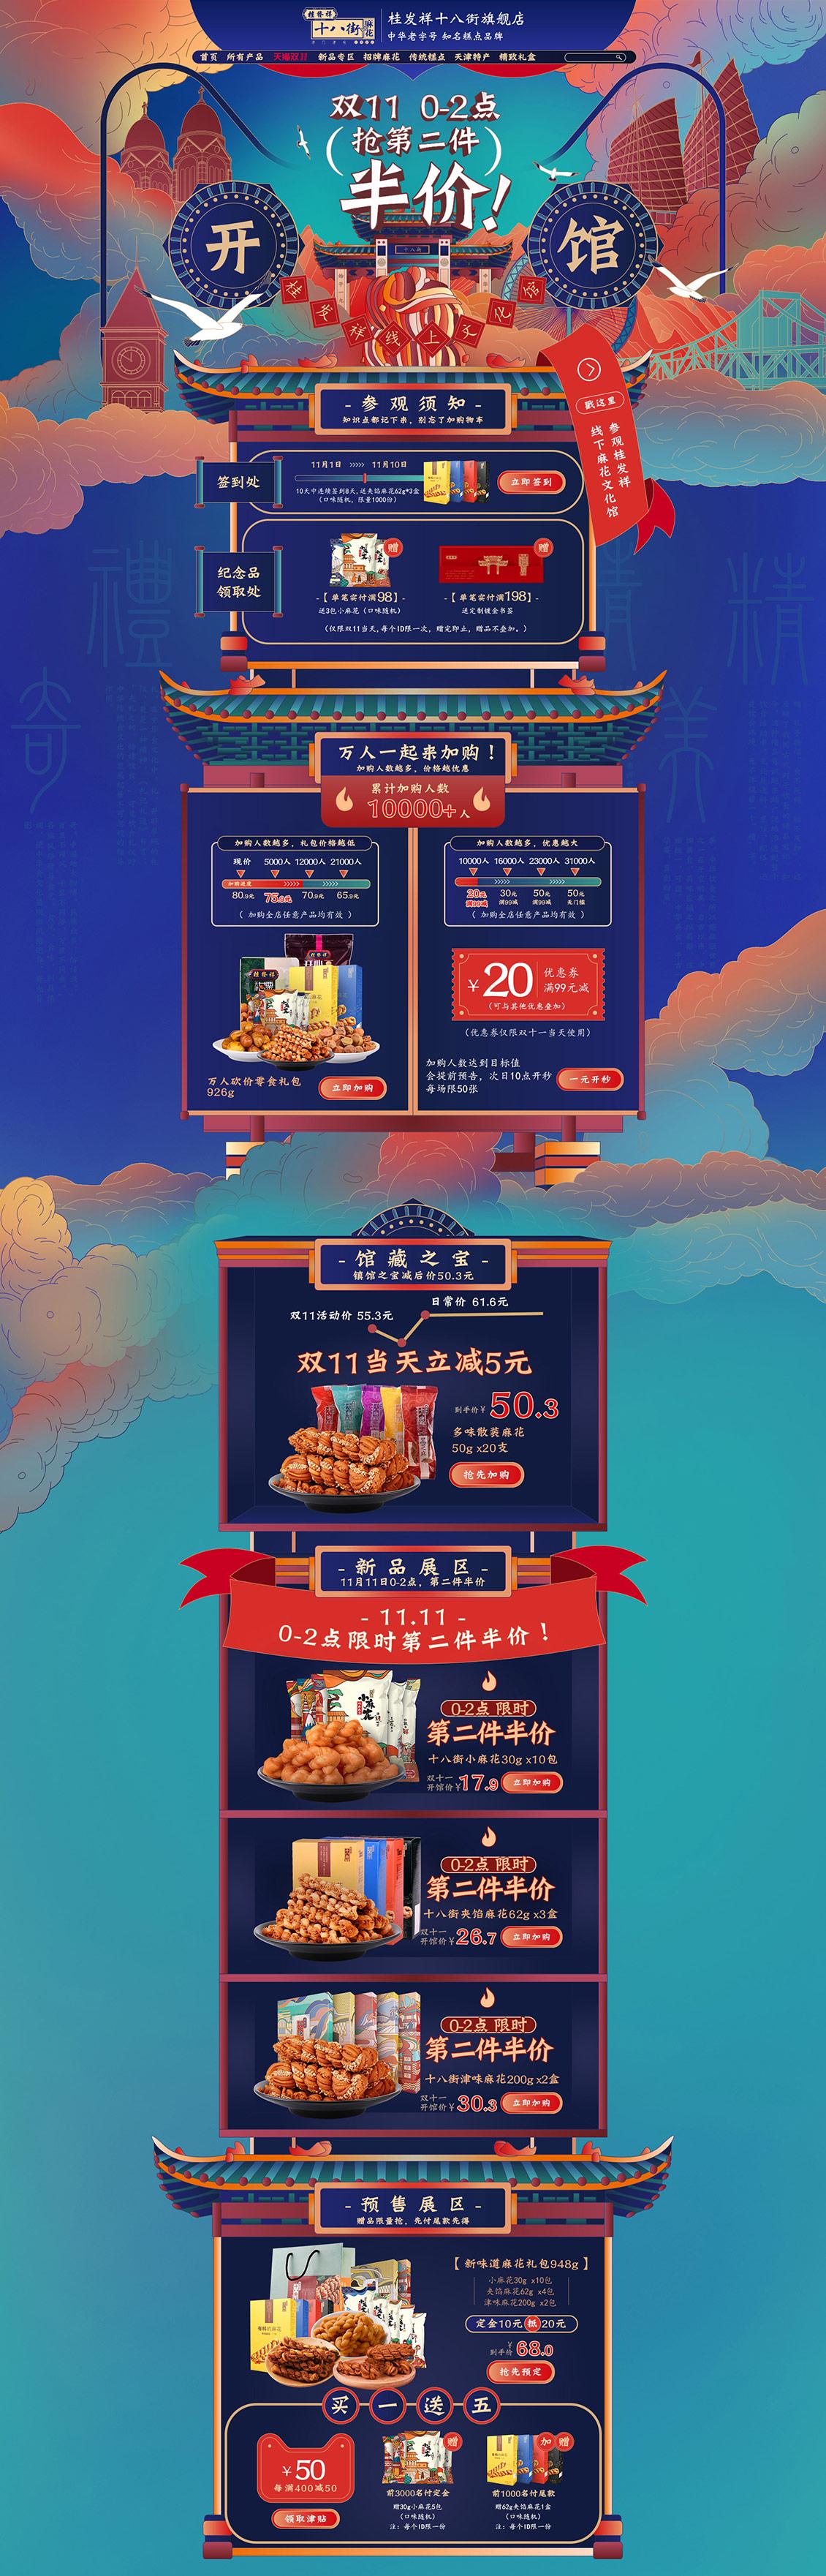 桂发祥十八街 食品 零食 酒水 双11预售 双十一来啦 天猫首页网页设计